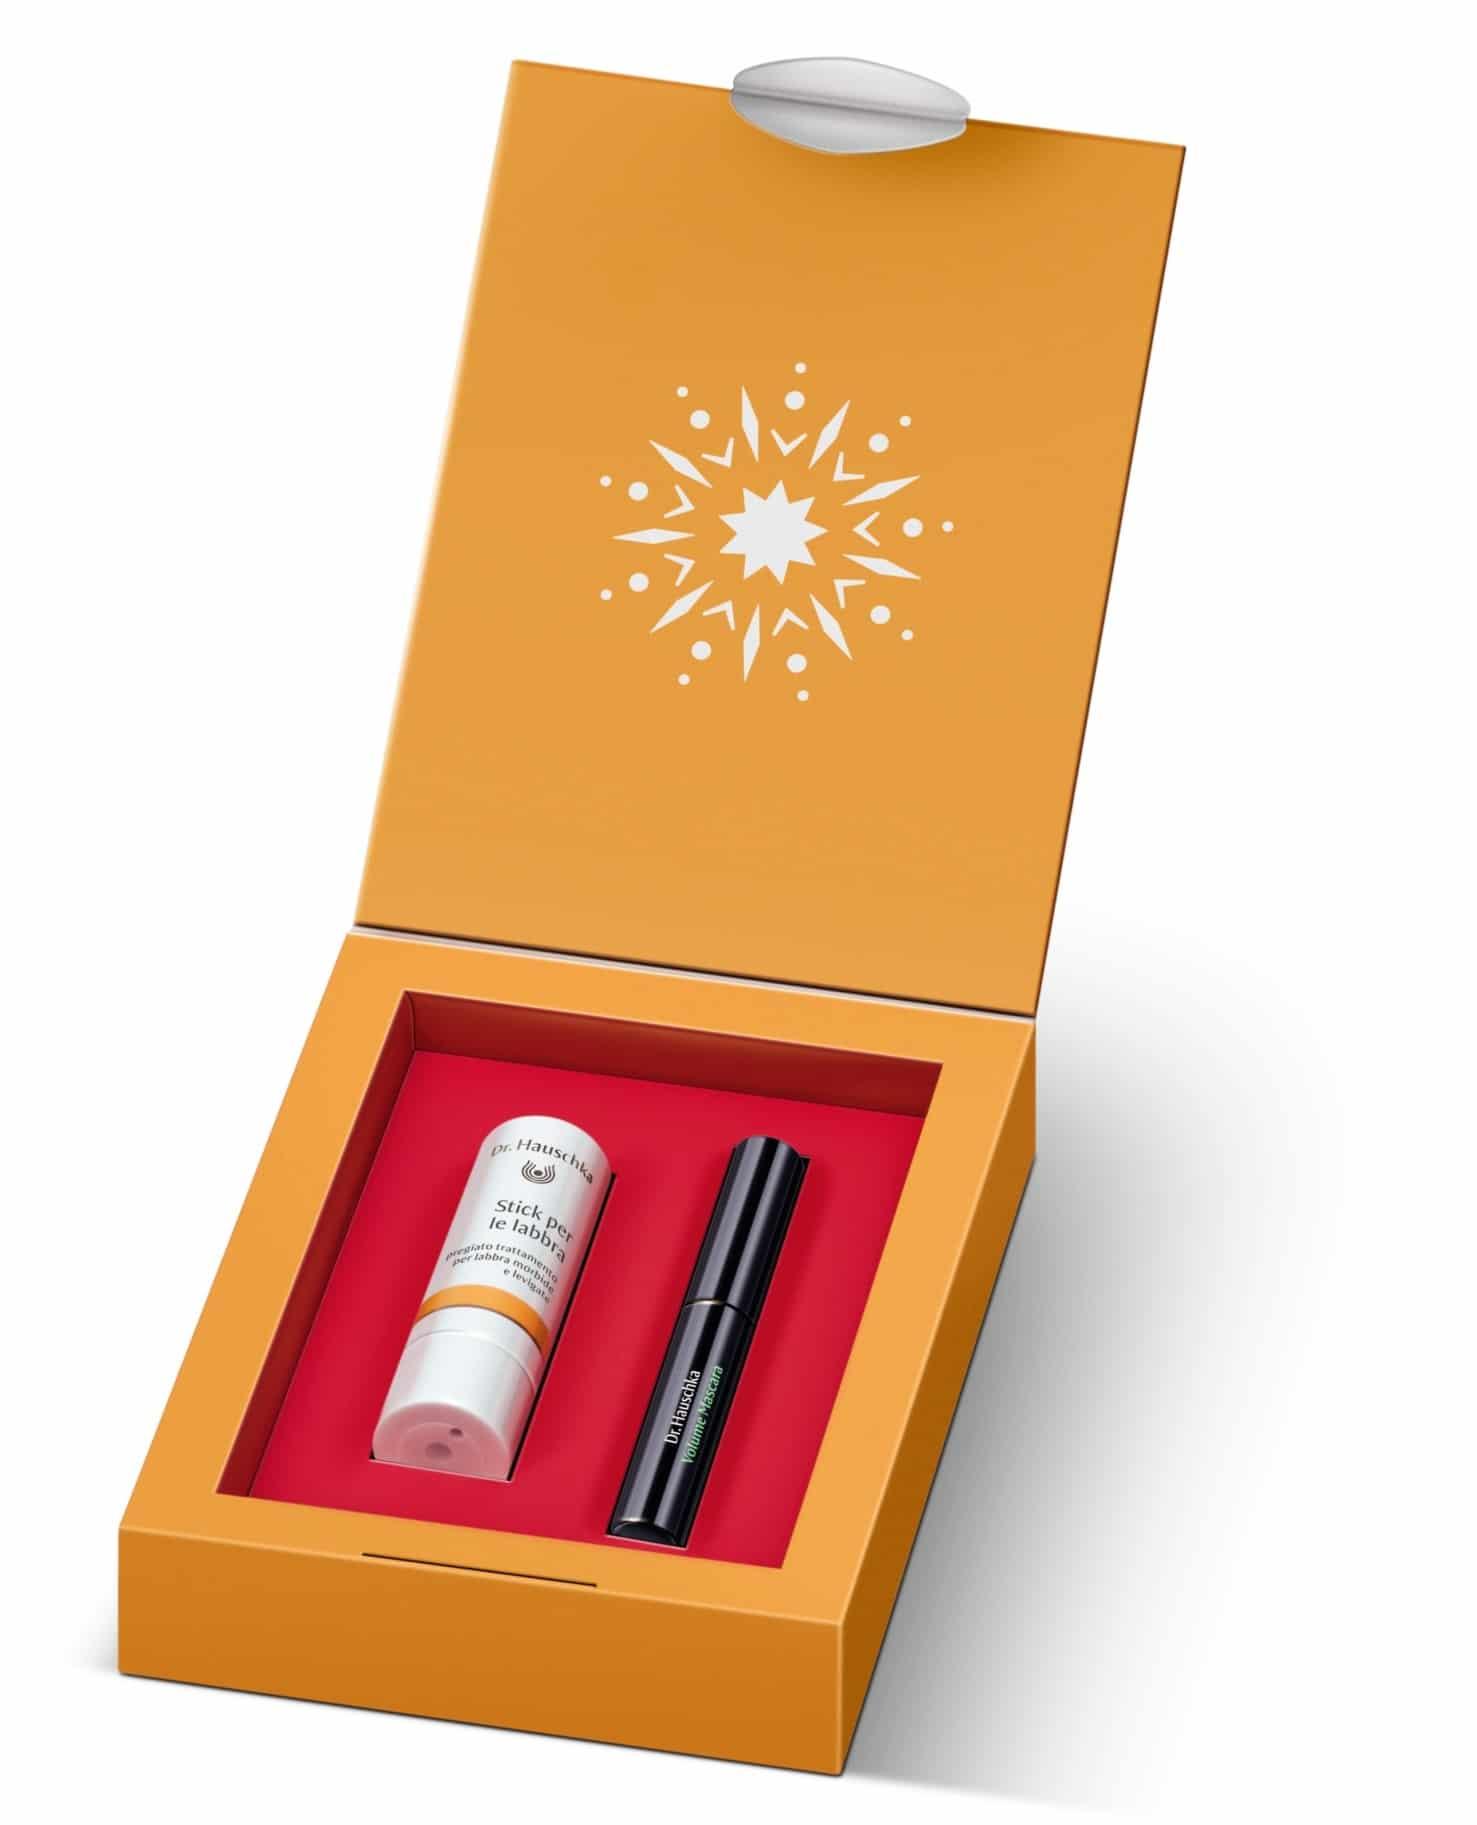 Natale Dr. Hauschka 2017: cofanetti skincare e make-up e calendario dell'avvento - Info, foto, prezzi, recensione - Coffret Gioia e Splendore